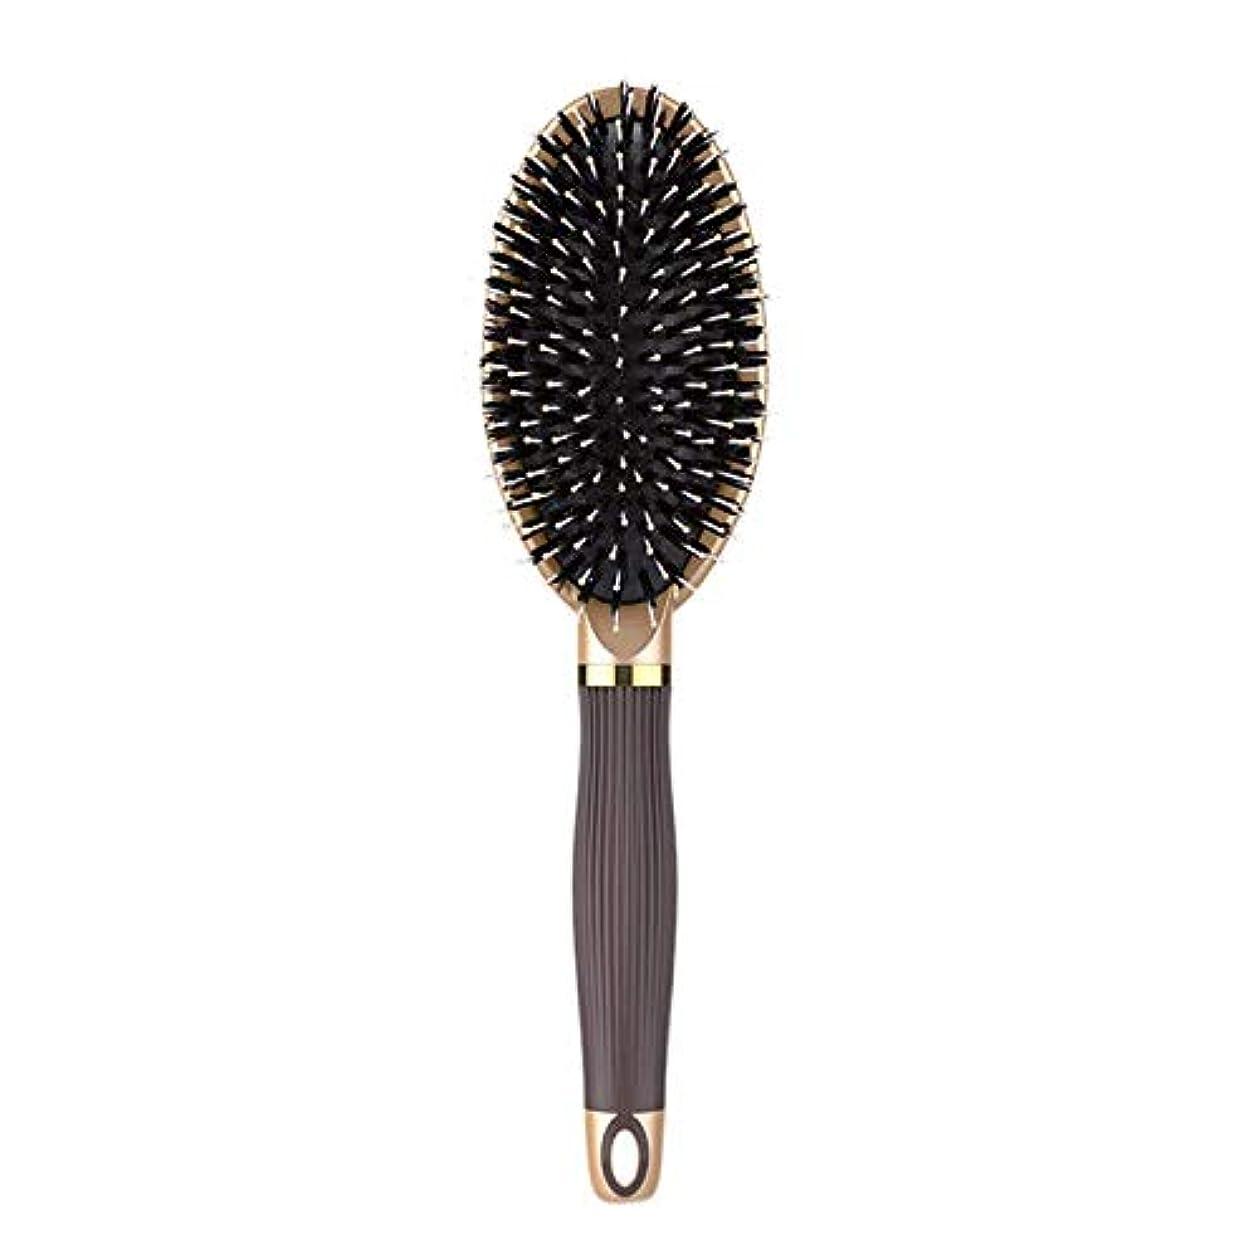 葉を集める神話ファイナンスRETYLY ヘアブラシイノシシ剛毛ヘアブラシと濡れた髪または乾いた髪に最適な作品髪を矯正して滑らかにするためにデザイン 女性&男性用